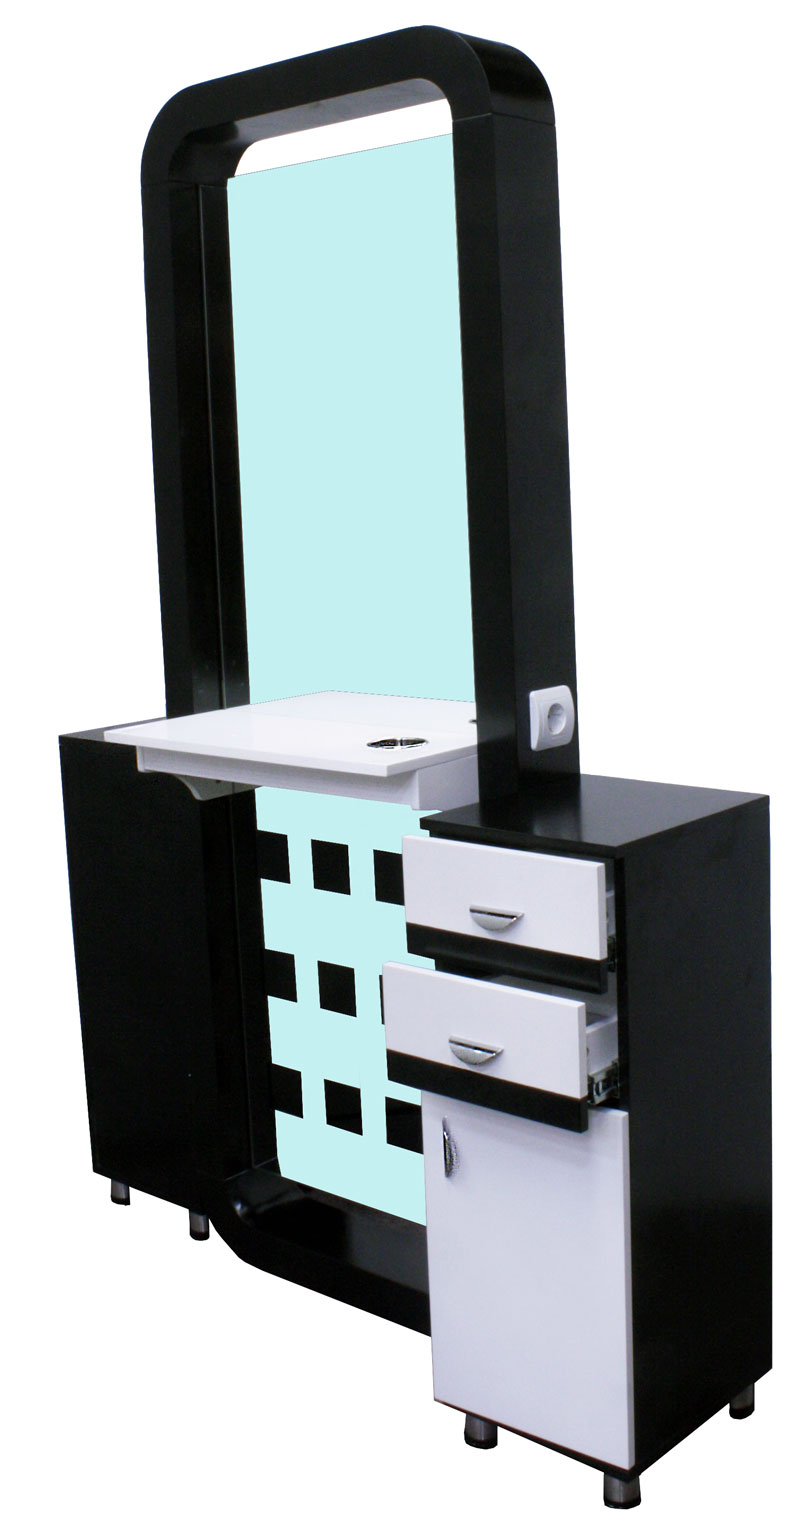 1909 spiegel cassino doppelseitig schwarz wei kleine lacksch den reduziert lenando. Black Bedroom Furniture Sets. Home Design Ideas